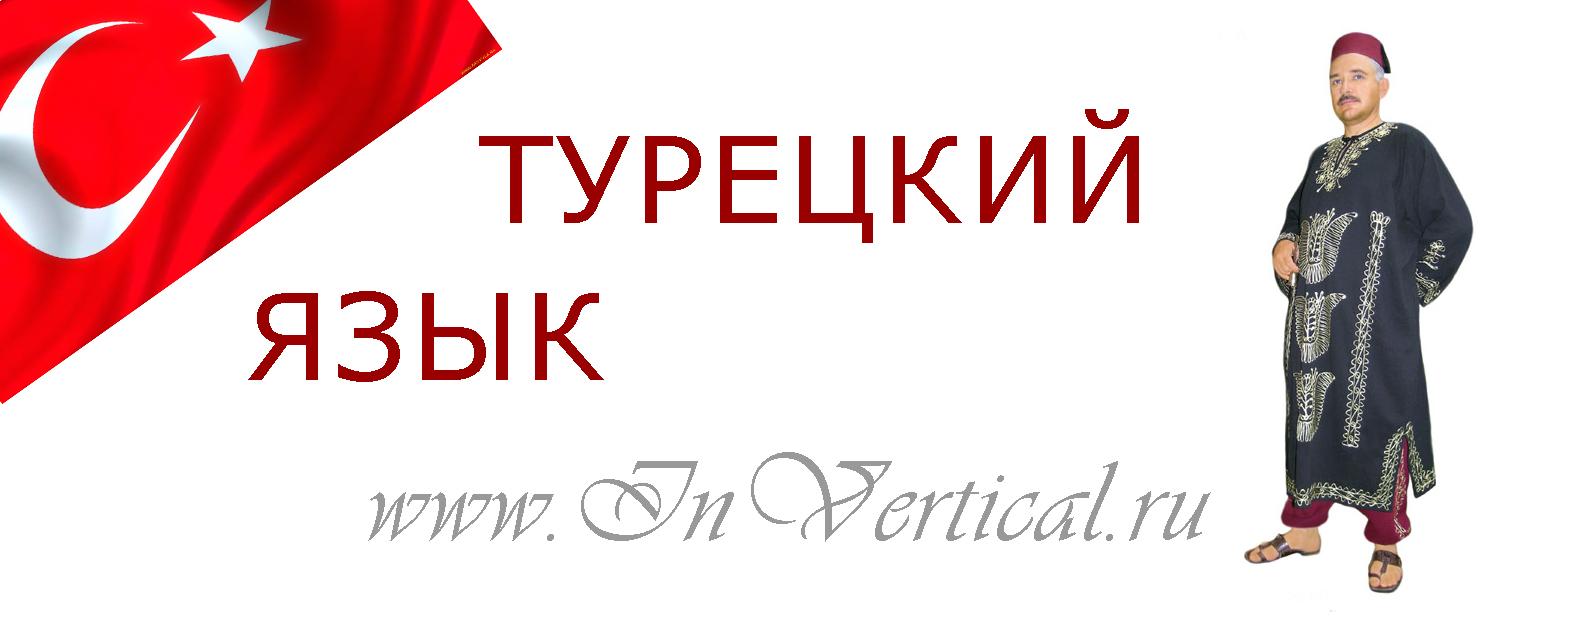 Турецкий язык в Липецке